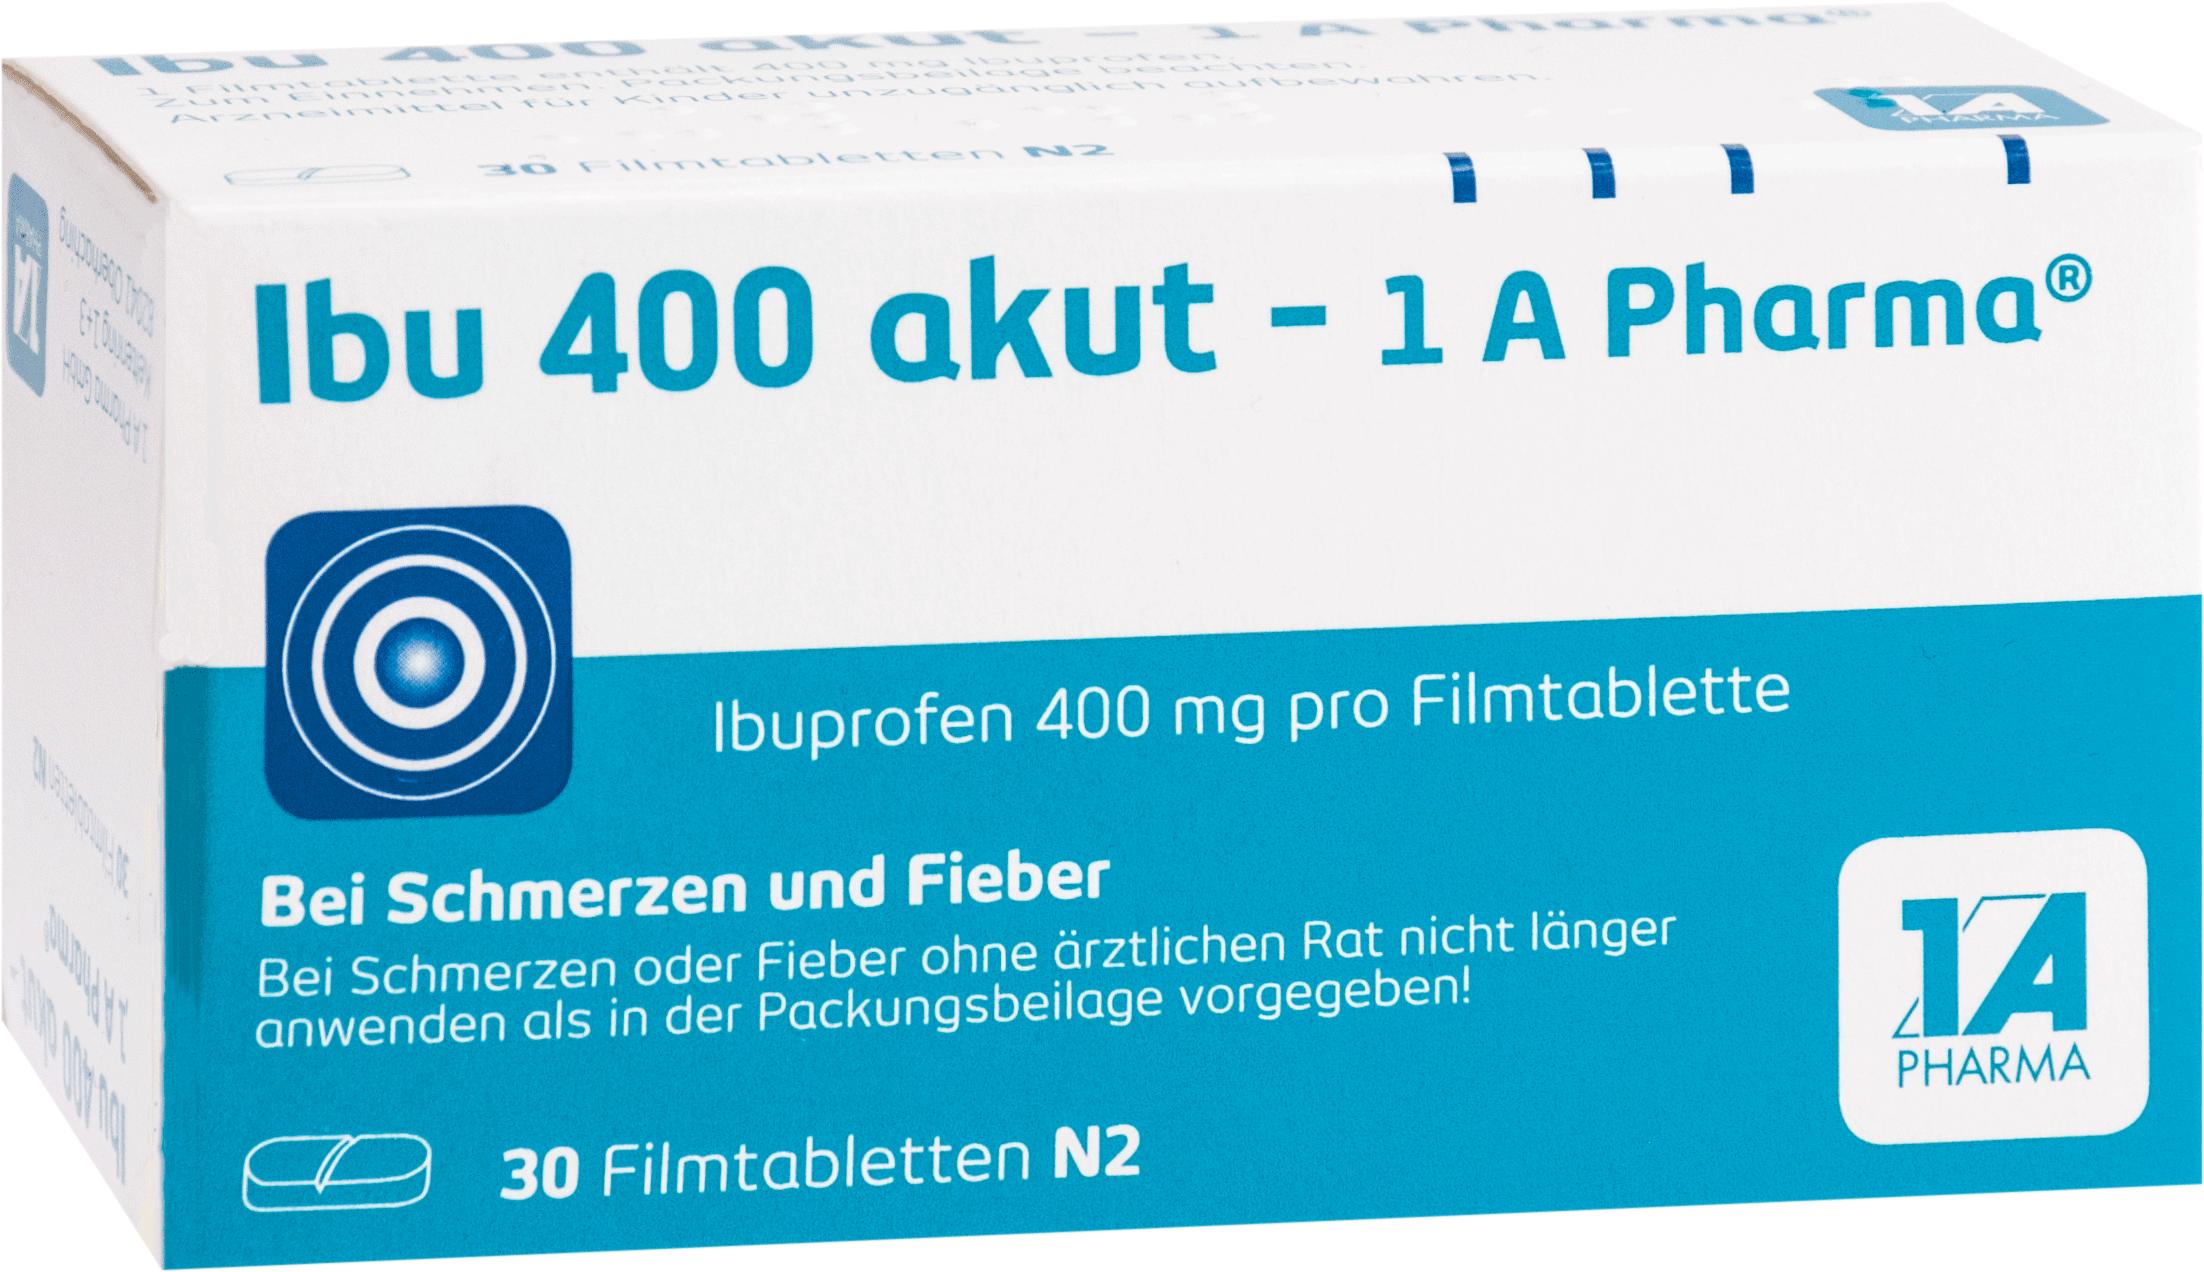 Ibu 400 akut - 1A-Pharma